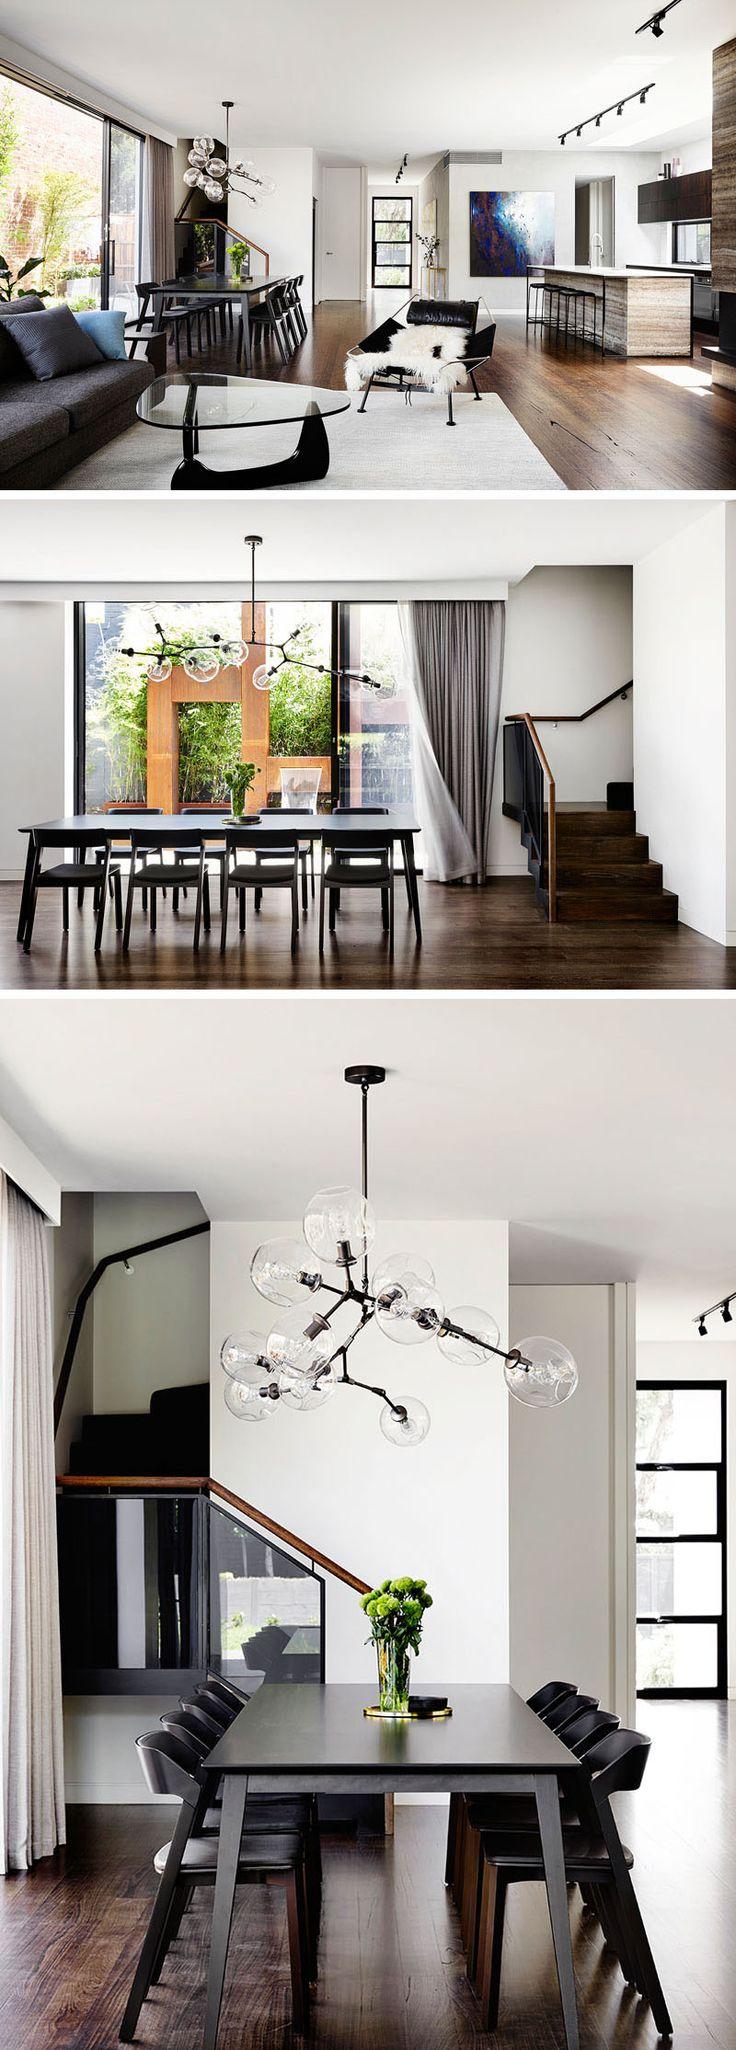 Этот современный интерьер открытой планировки закрепляет обеденный стол в пространстве, используя люстру.